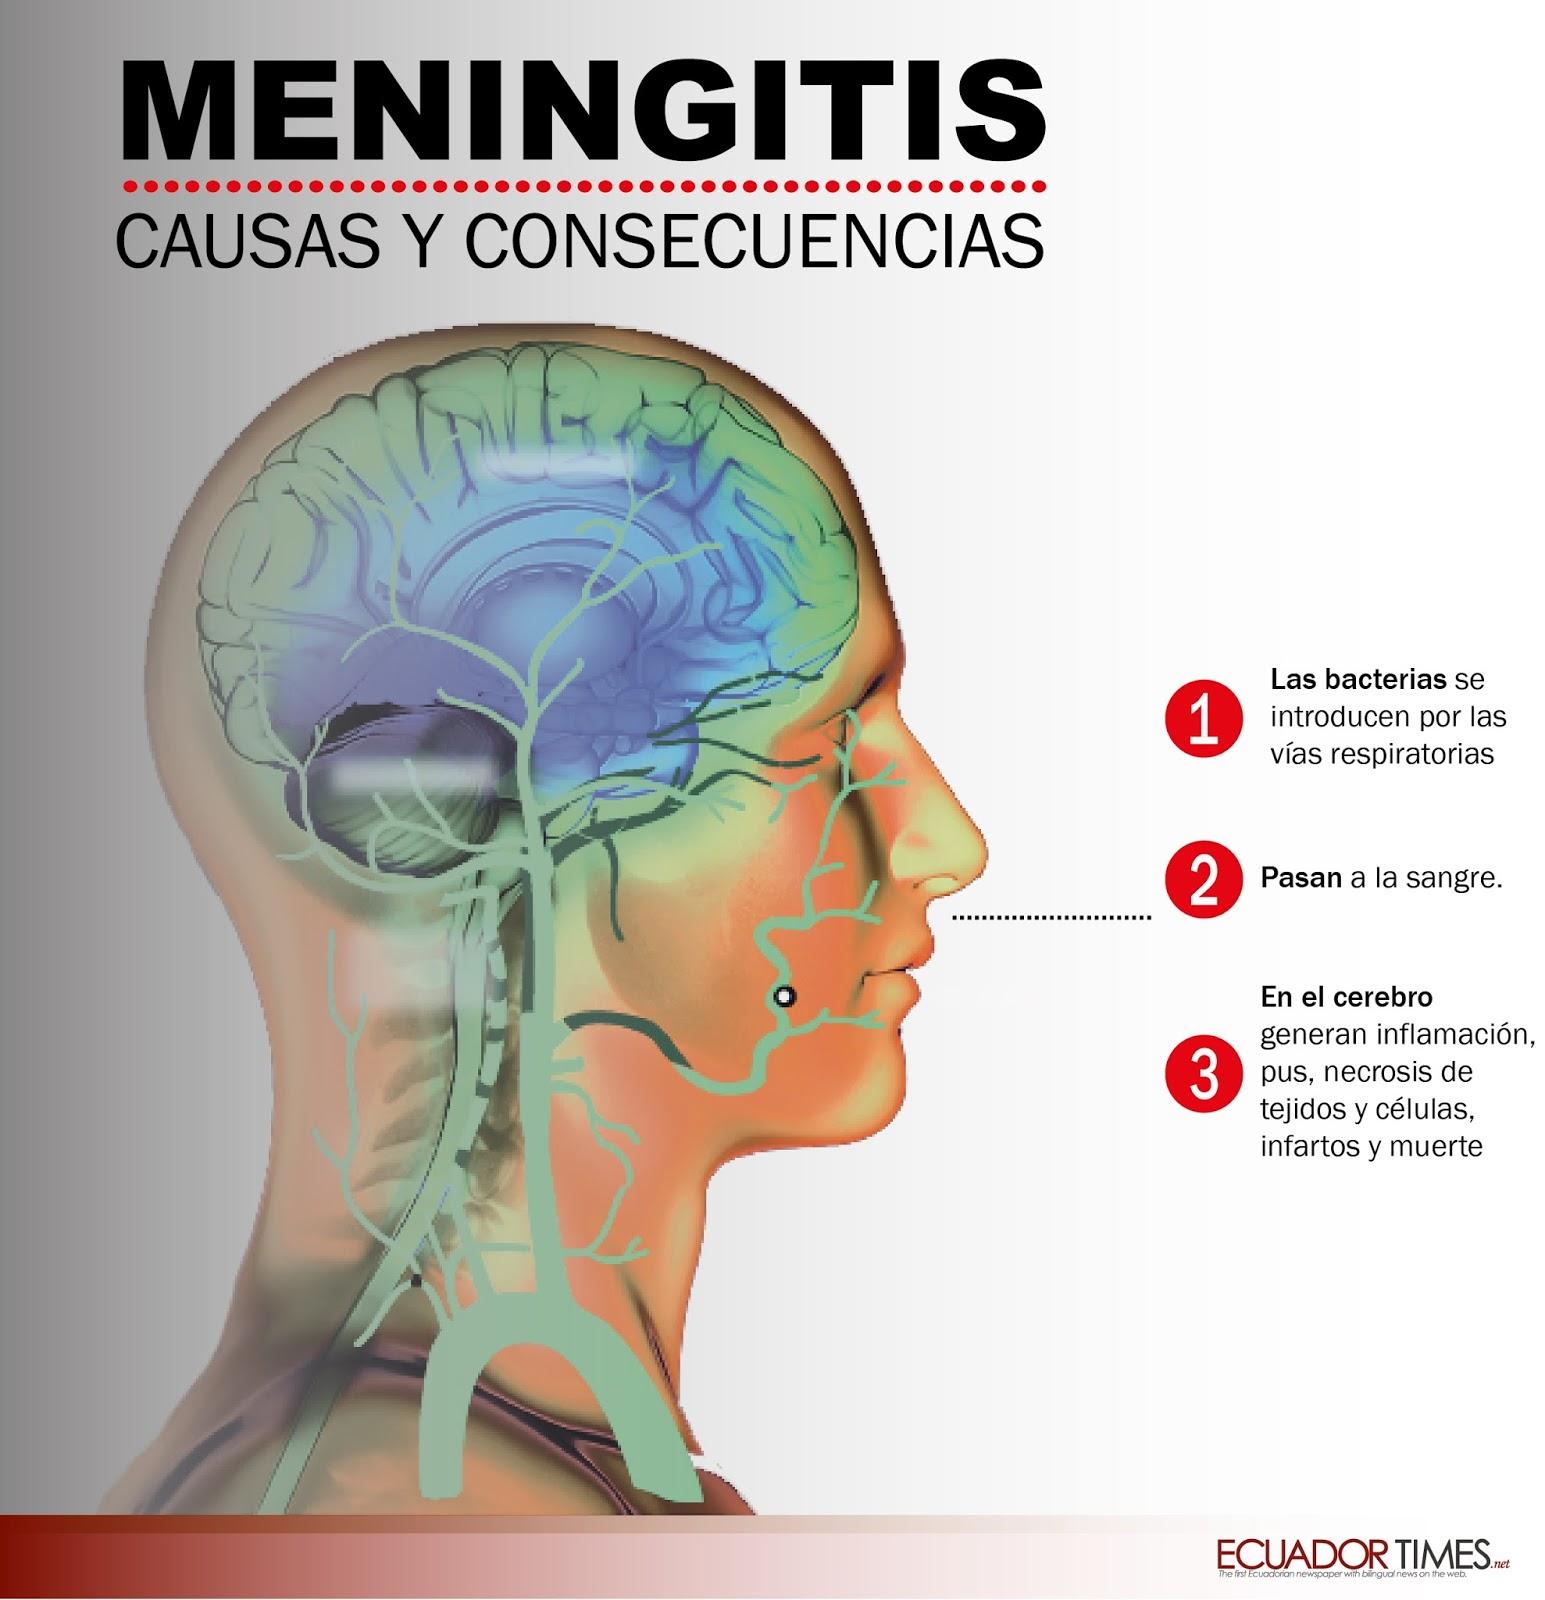 Virales síntomas de la meningitis en adultos mayores